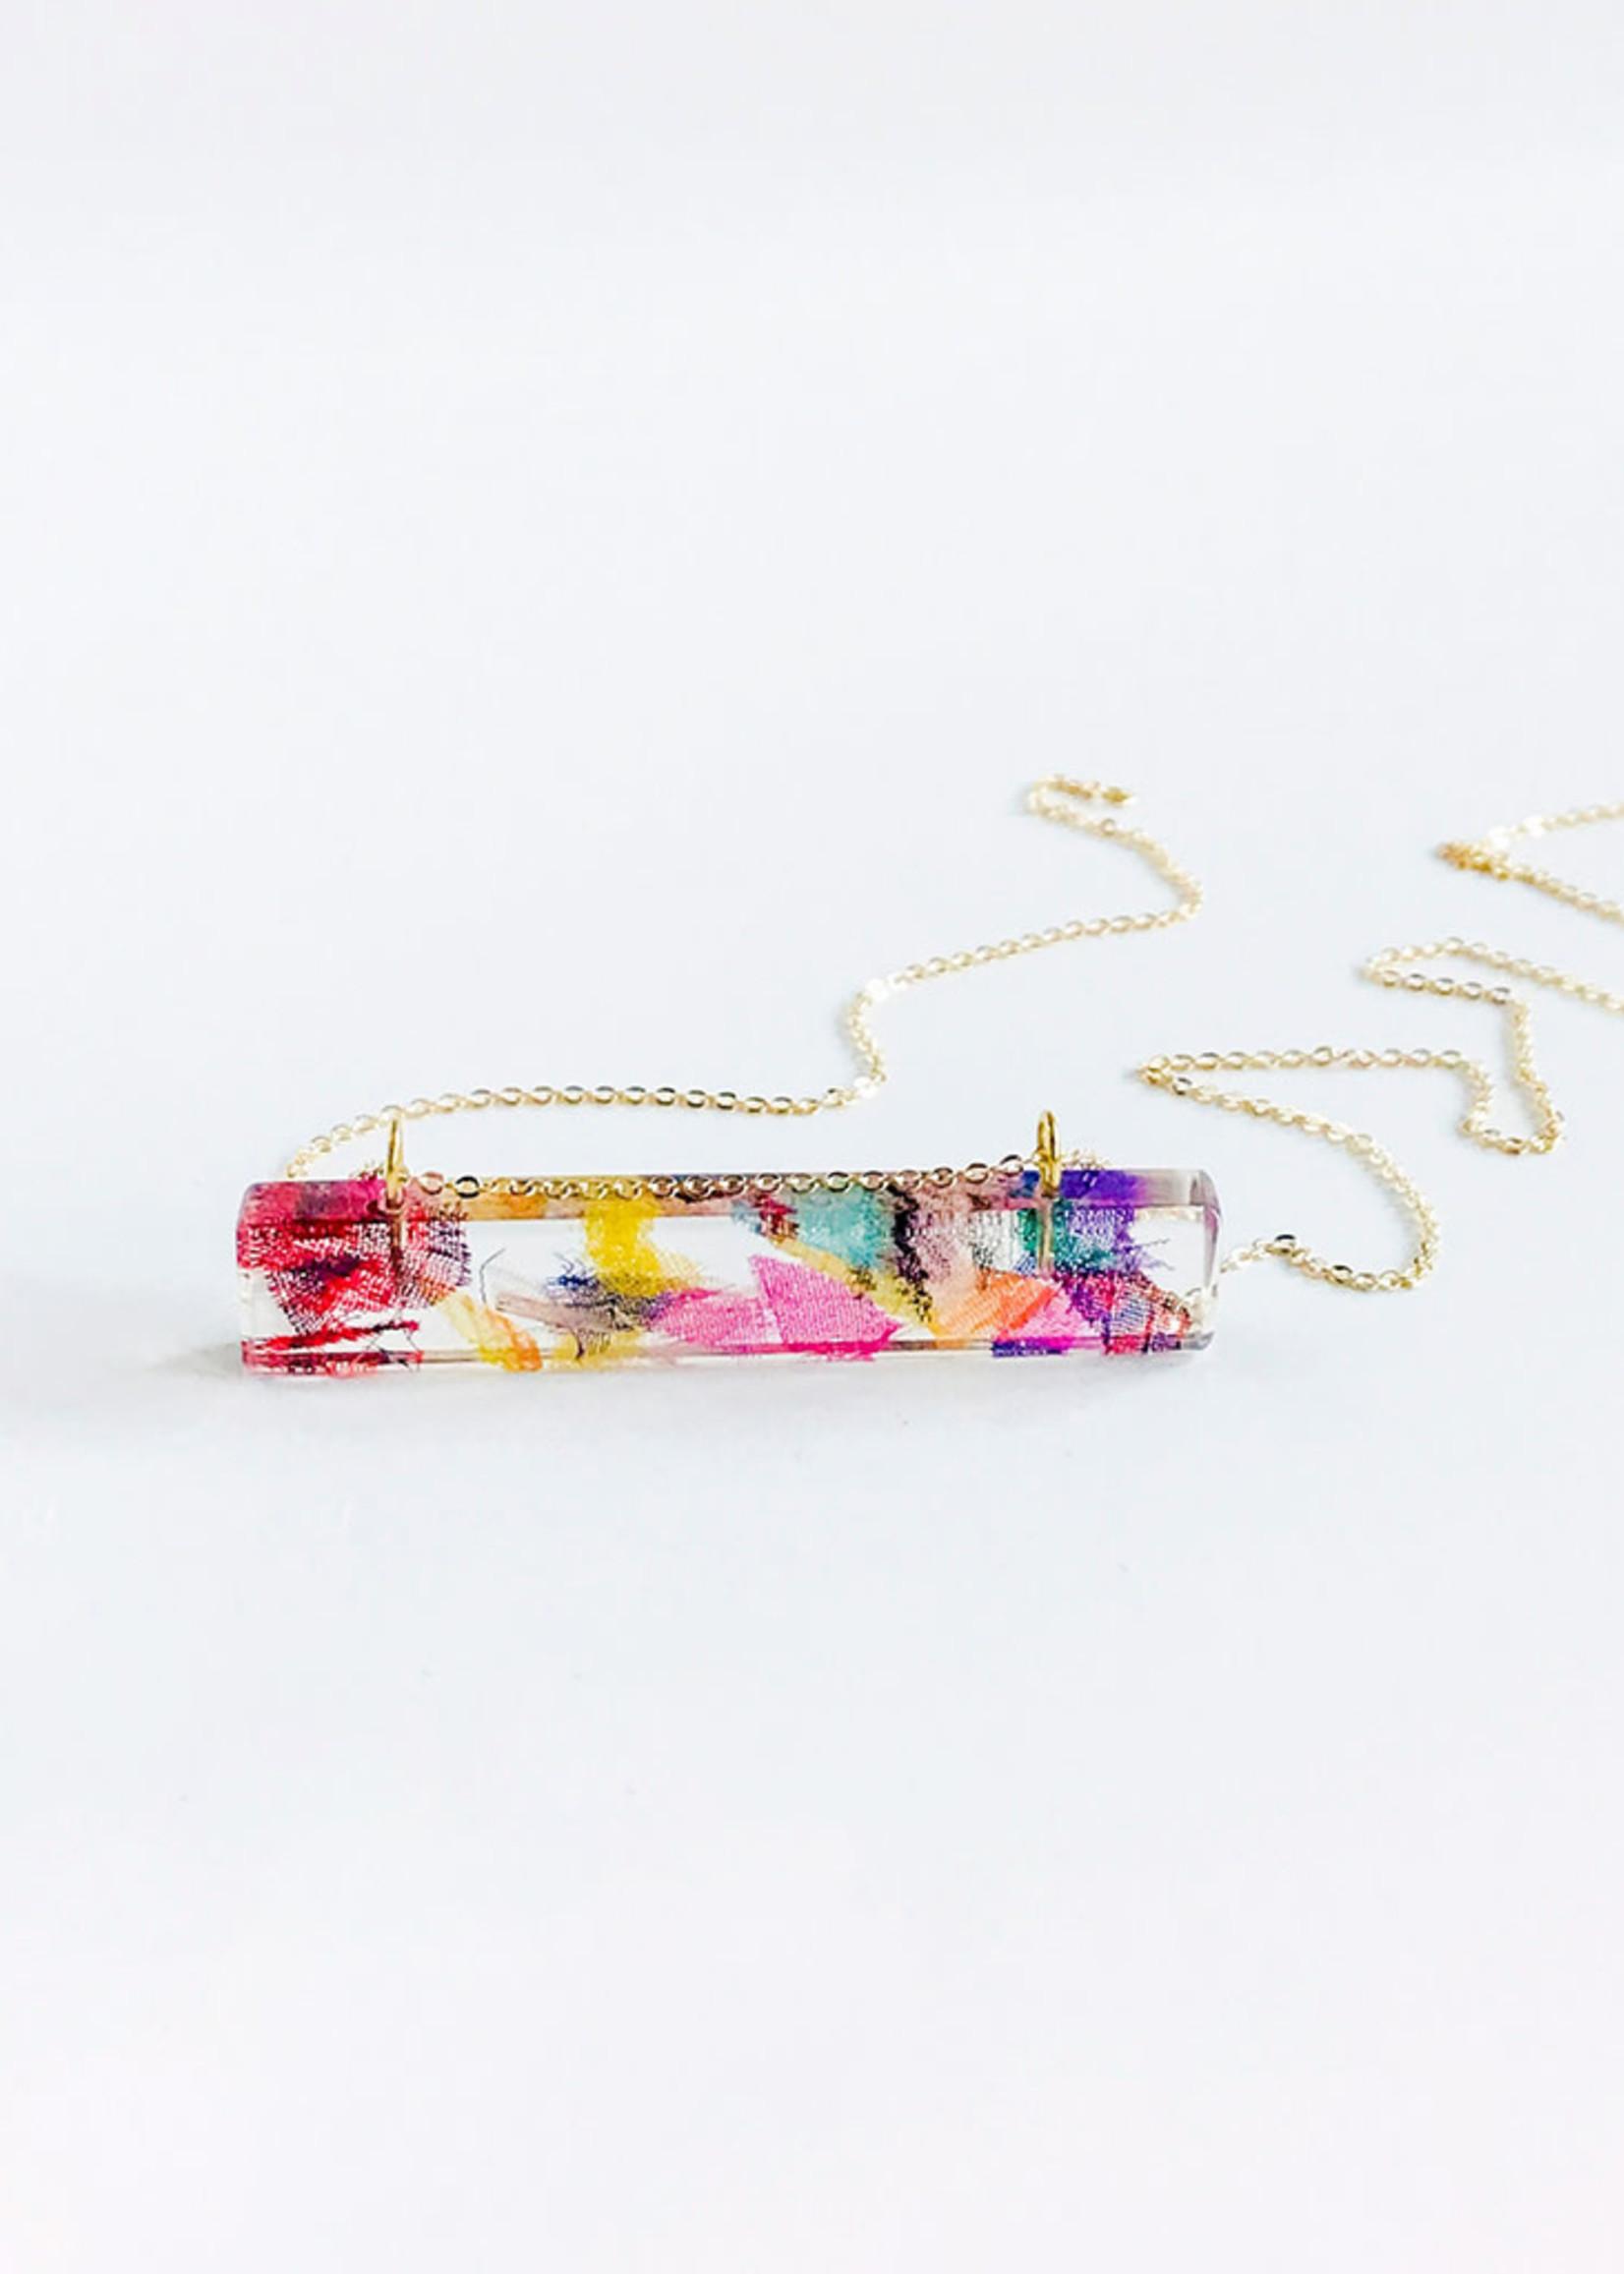 Belart Palito Sari Necklace